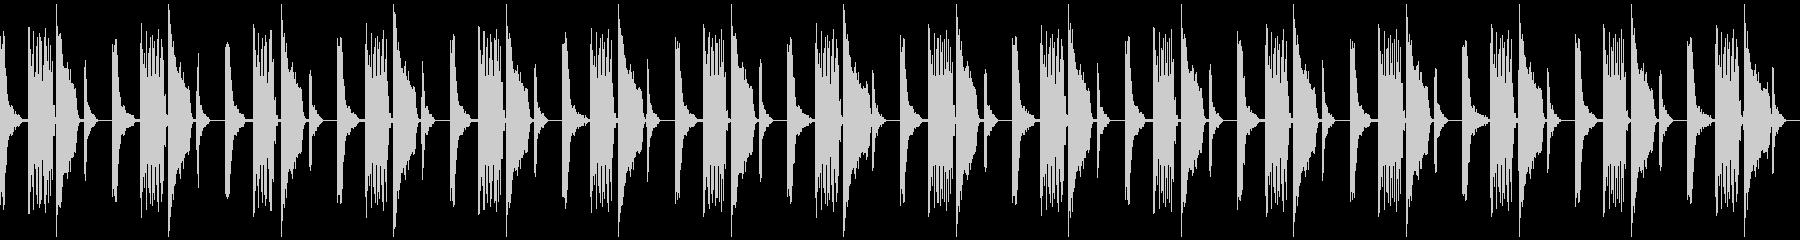 ロボットが考えている音の未再生の波形